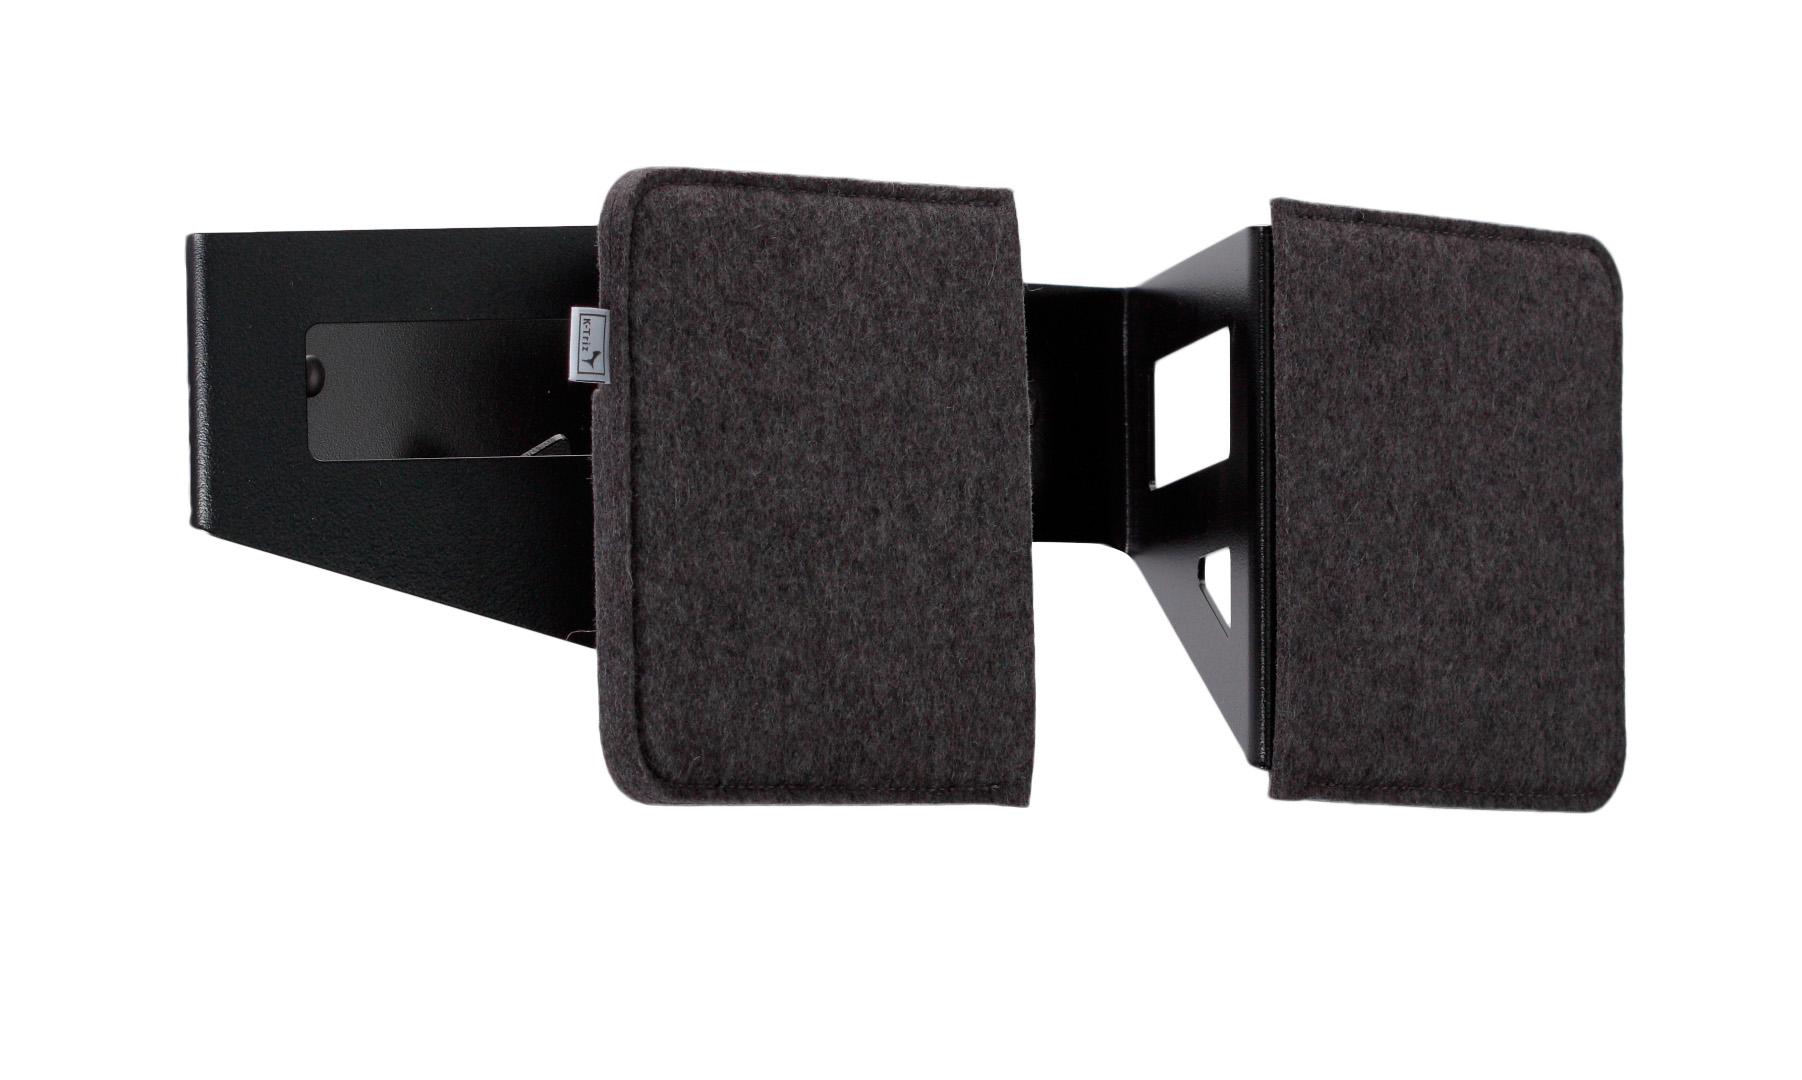 stummer diener anthrazit schwarz stummer diener design ponalto. Black Bedroom Furniture Sets. Home Design Ideas